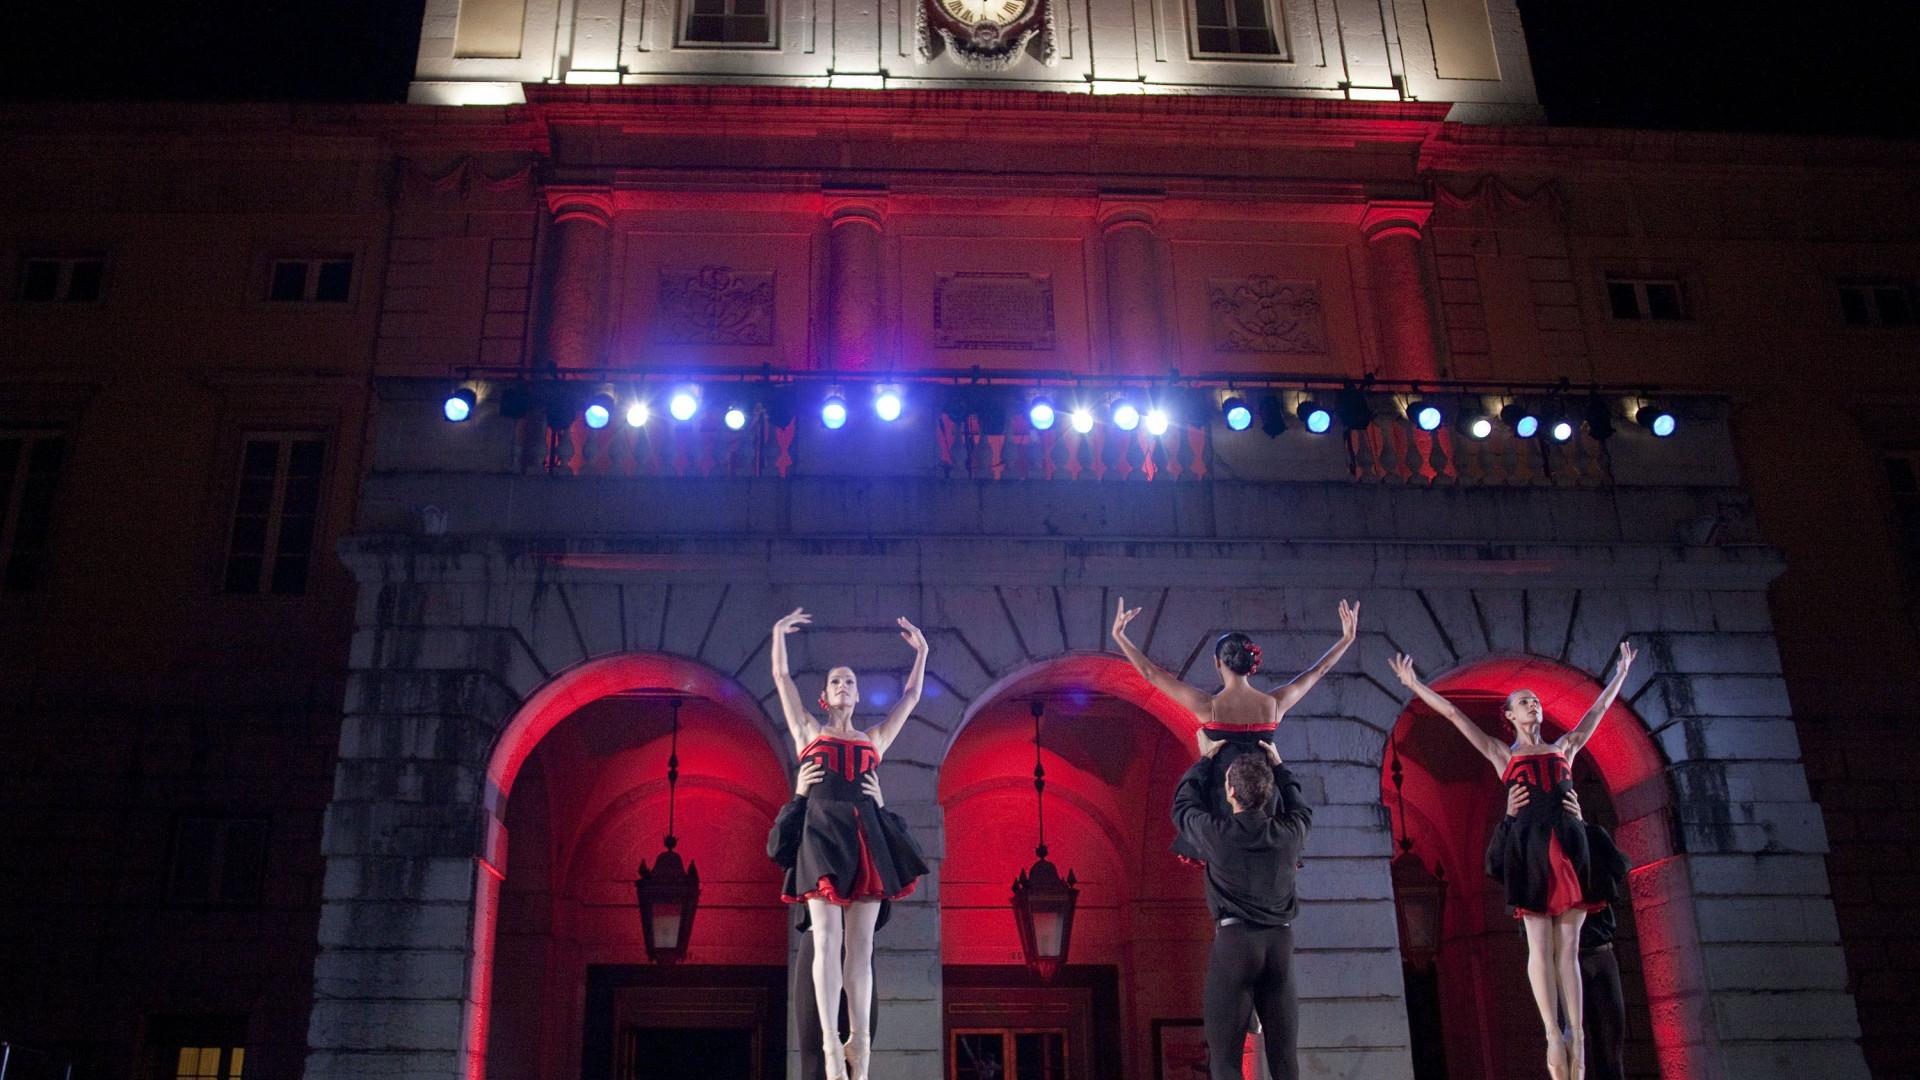 Quinze espetáculos celebram 10.ª edição do Festival Ao Largo em julho